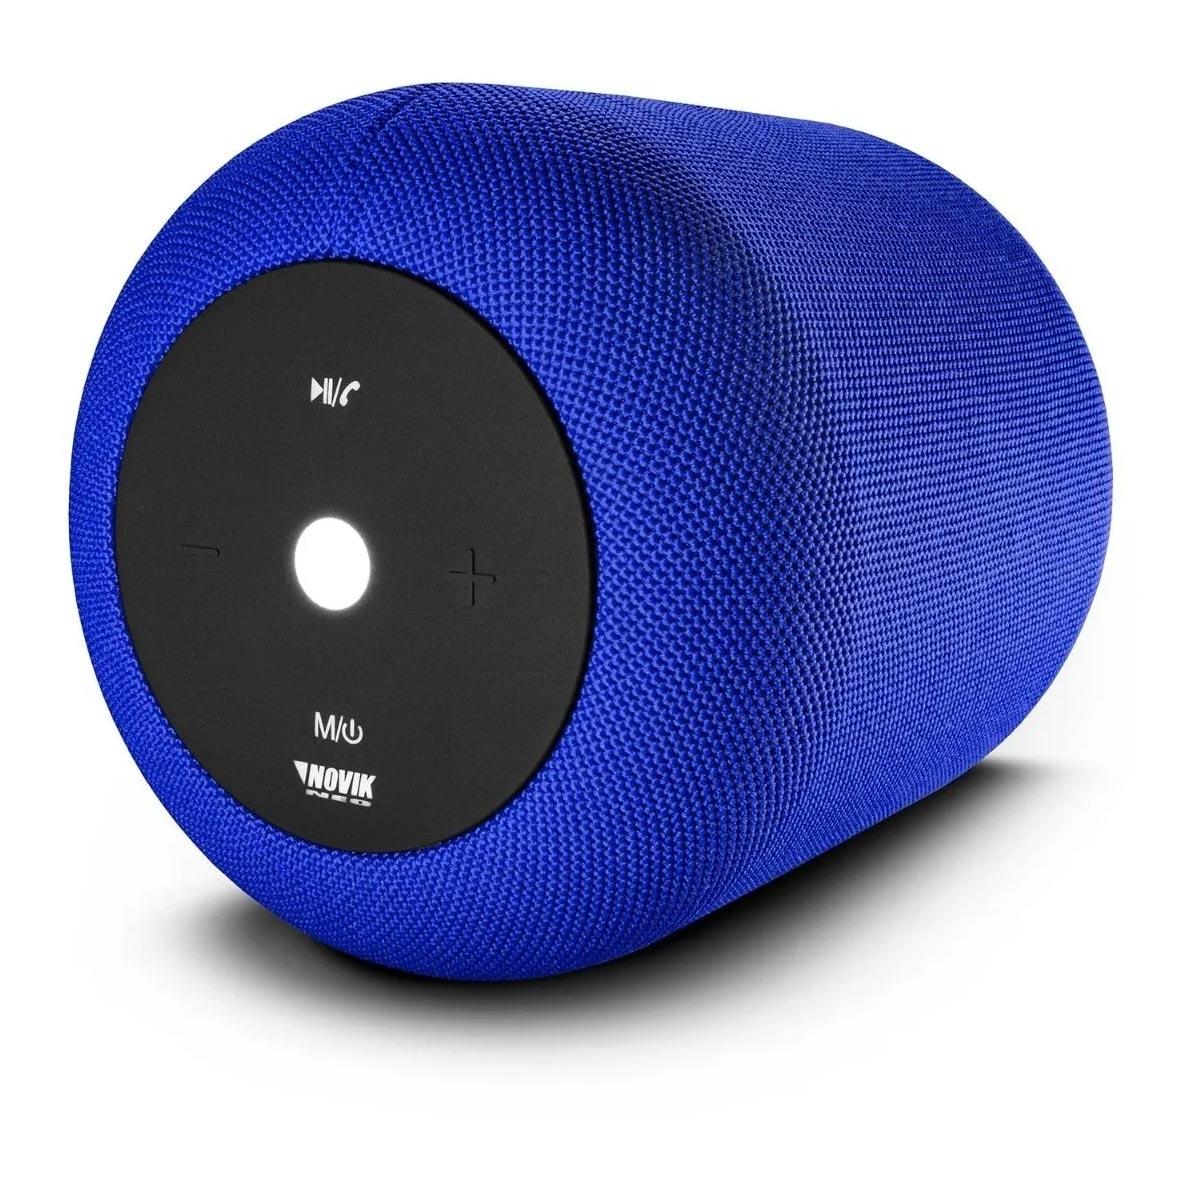 Caixa De Som Novik Smart Com Bluetooth E Bateria Start Xl Azul